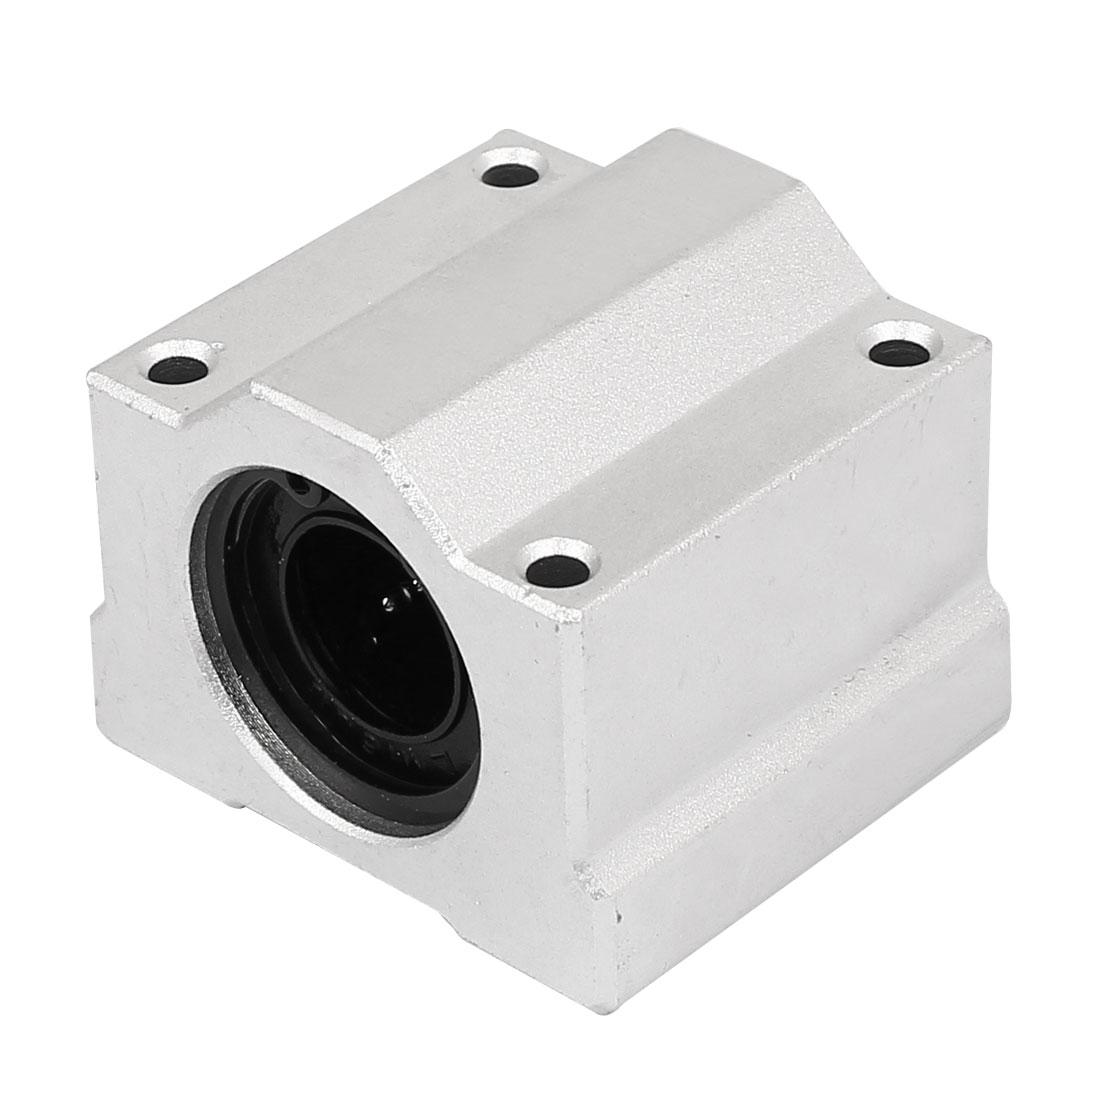 SCS16UU 16mm Inner Dia Linear Motion Ball Bearing Slide Unit Bushing